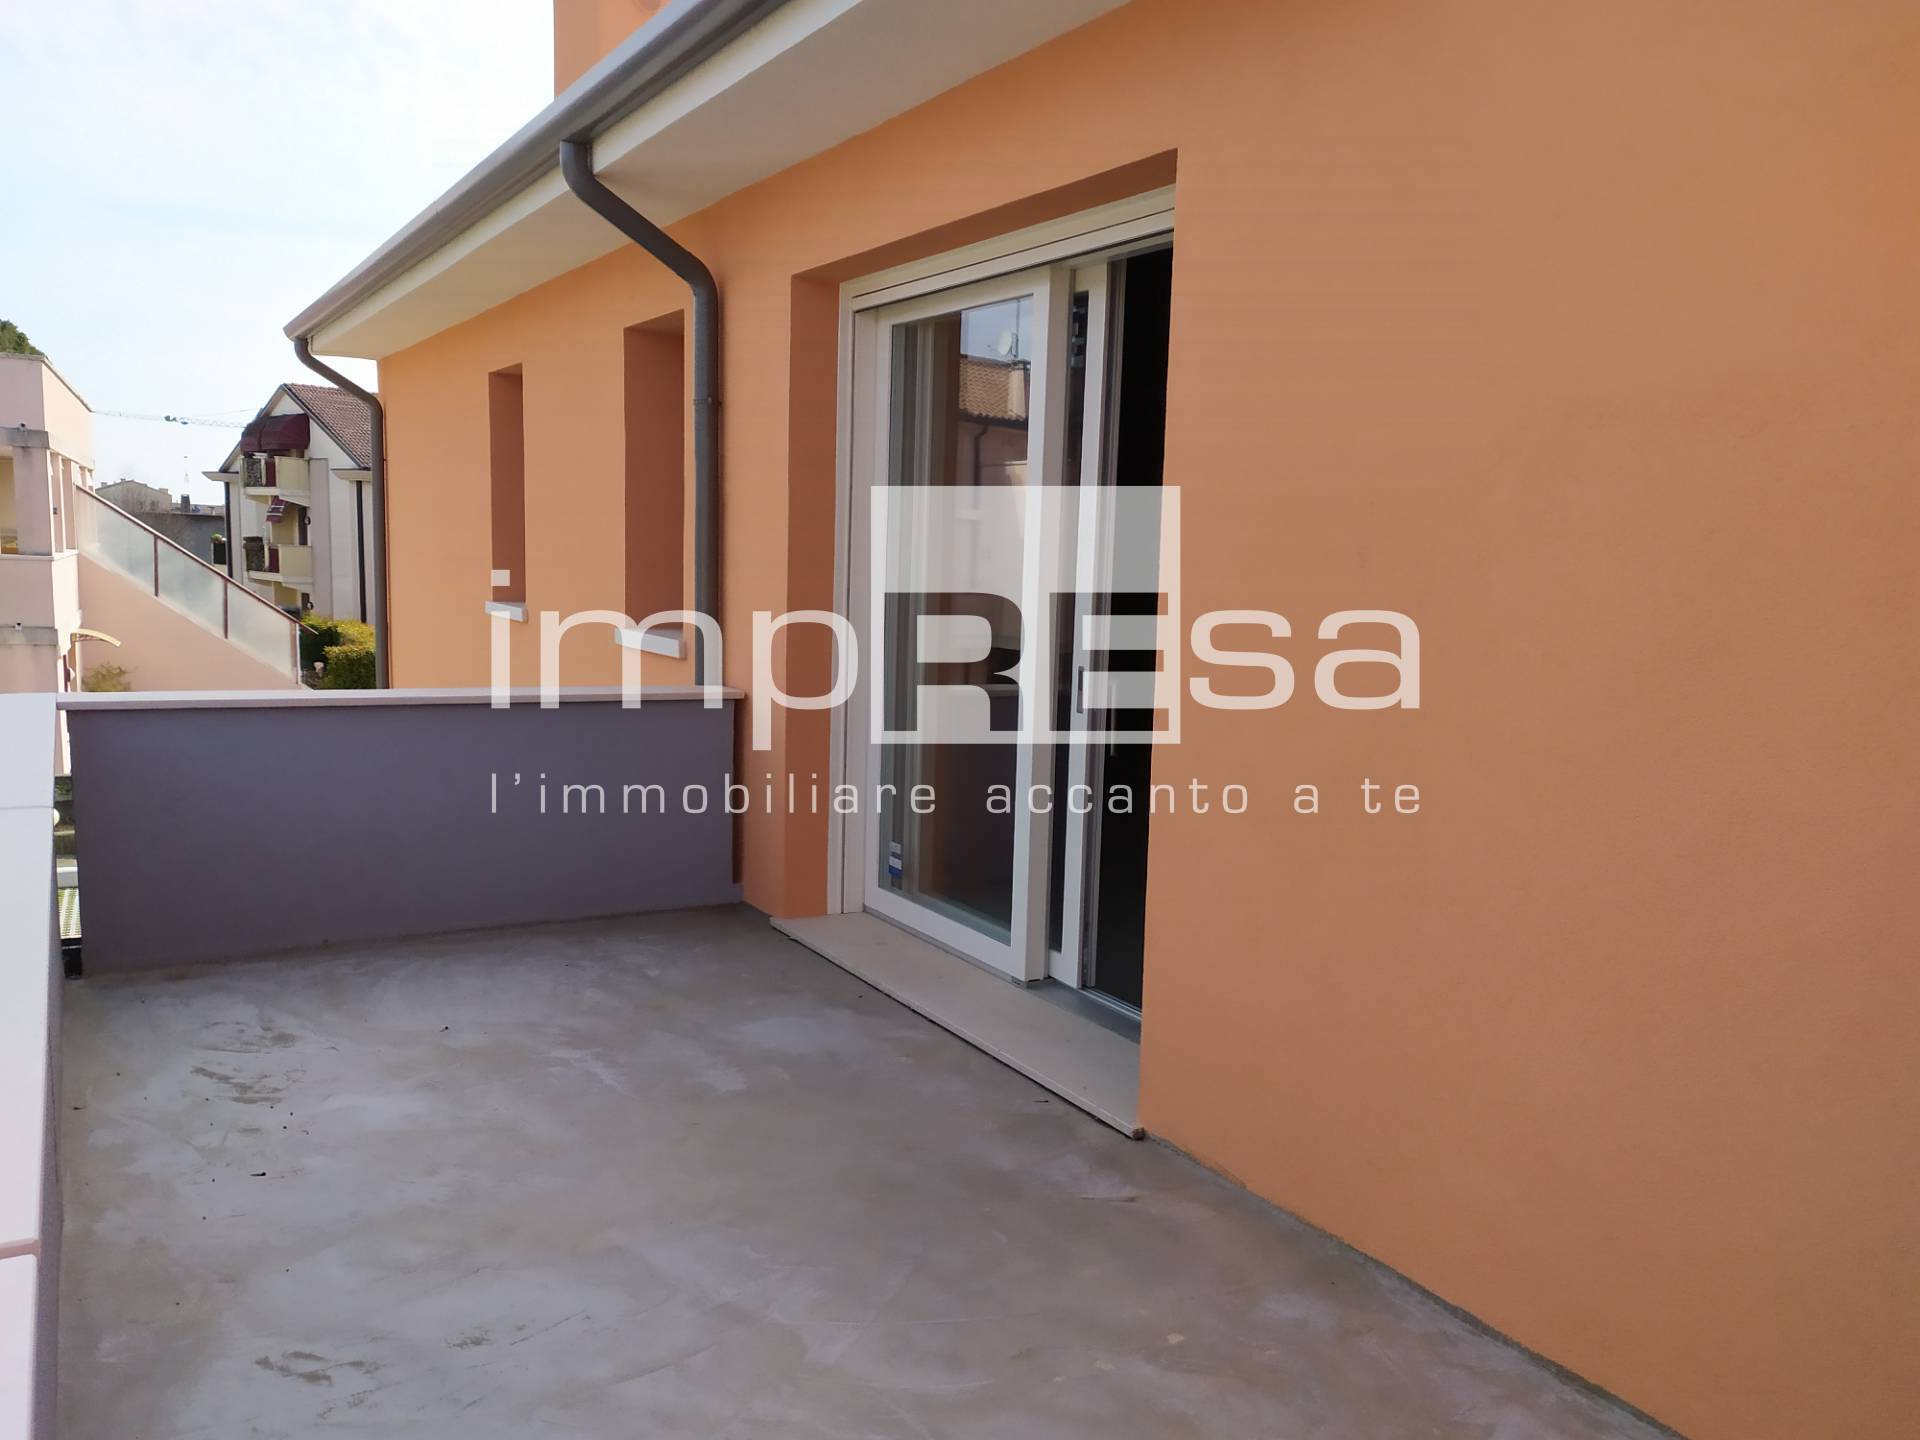 Appartamento in vendita a Santa Lucia di Piave, 6 locali, prezzo € 250.000 | PortaleAgenzieImmobiliari.it